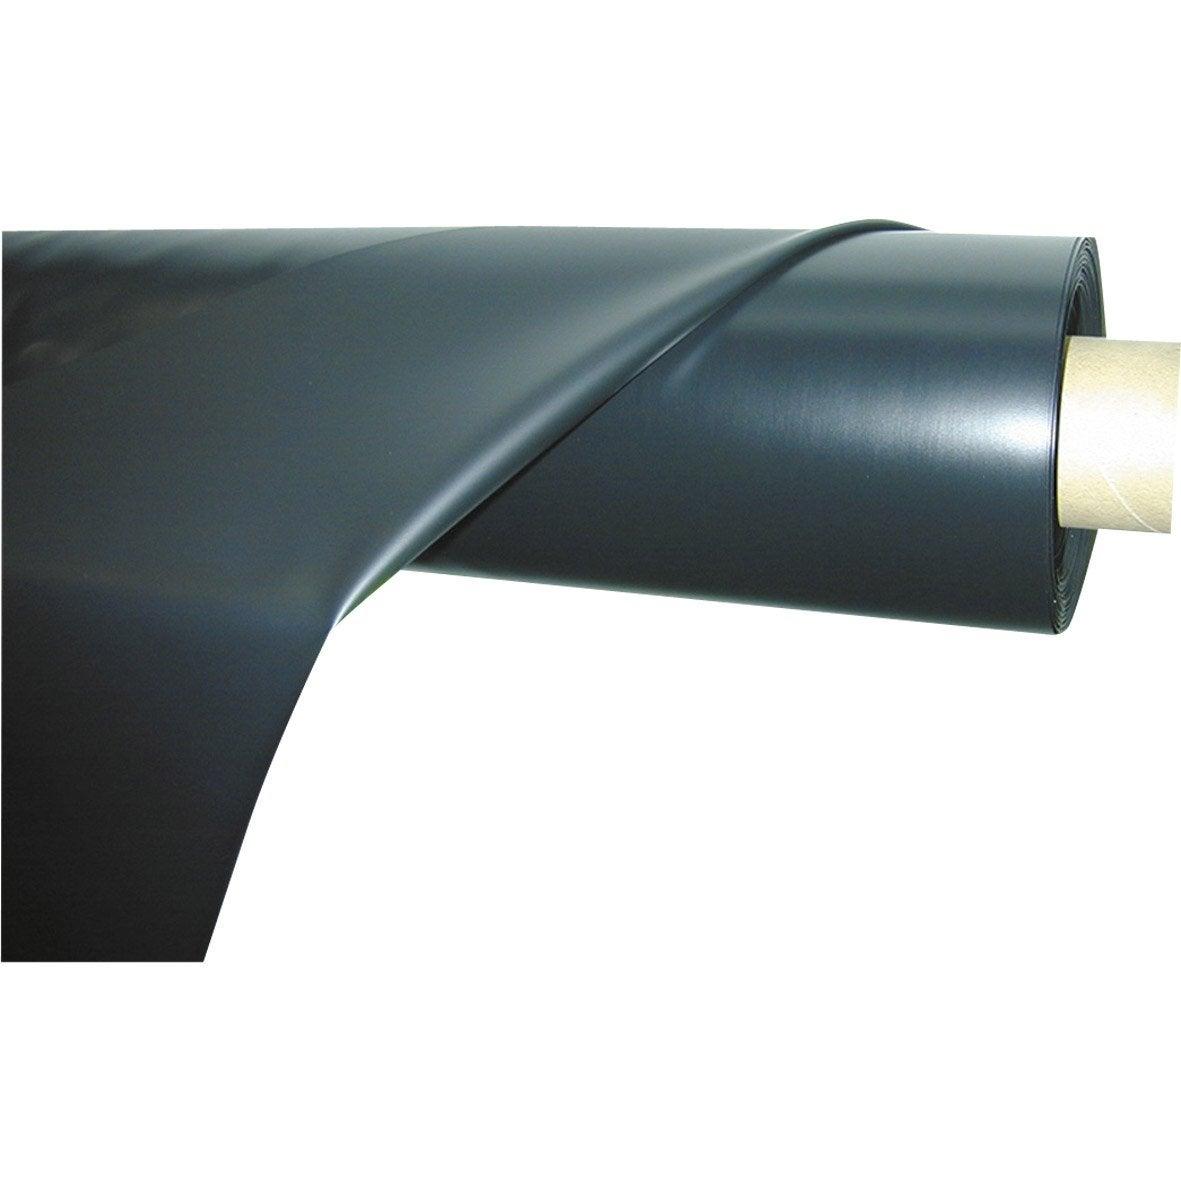 liner ubbink aqualiner 408 x l 4 m leroy merlin. Black Bedroom Furniture Sets. Home Design Ideas